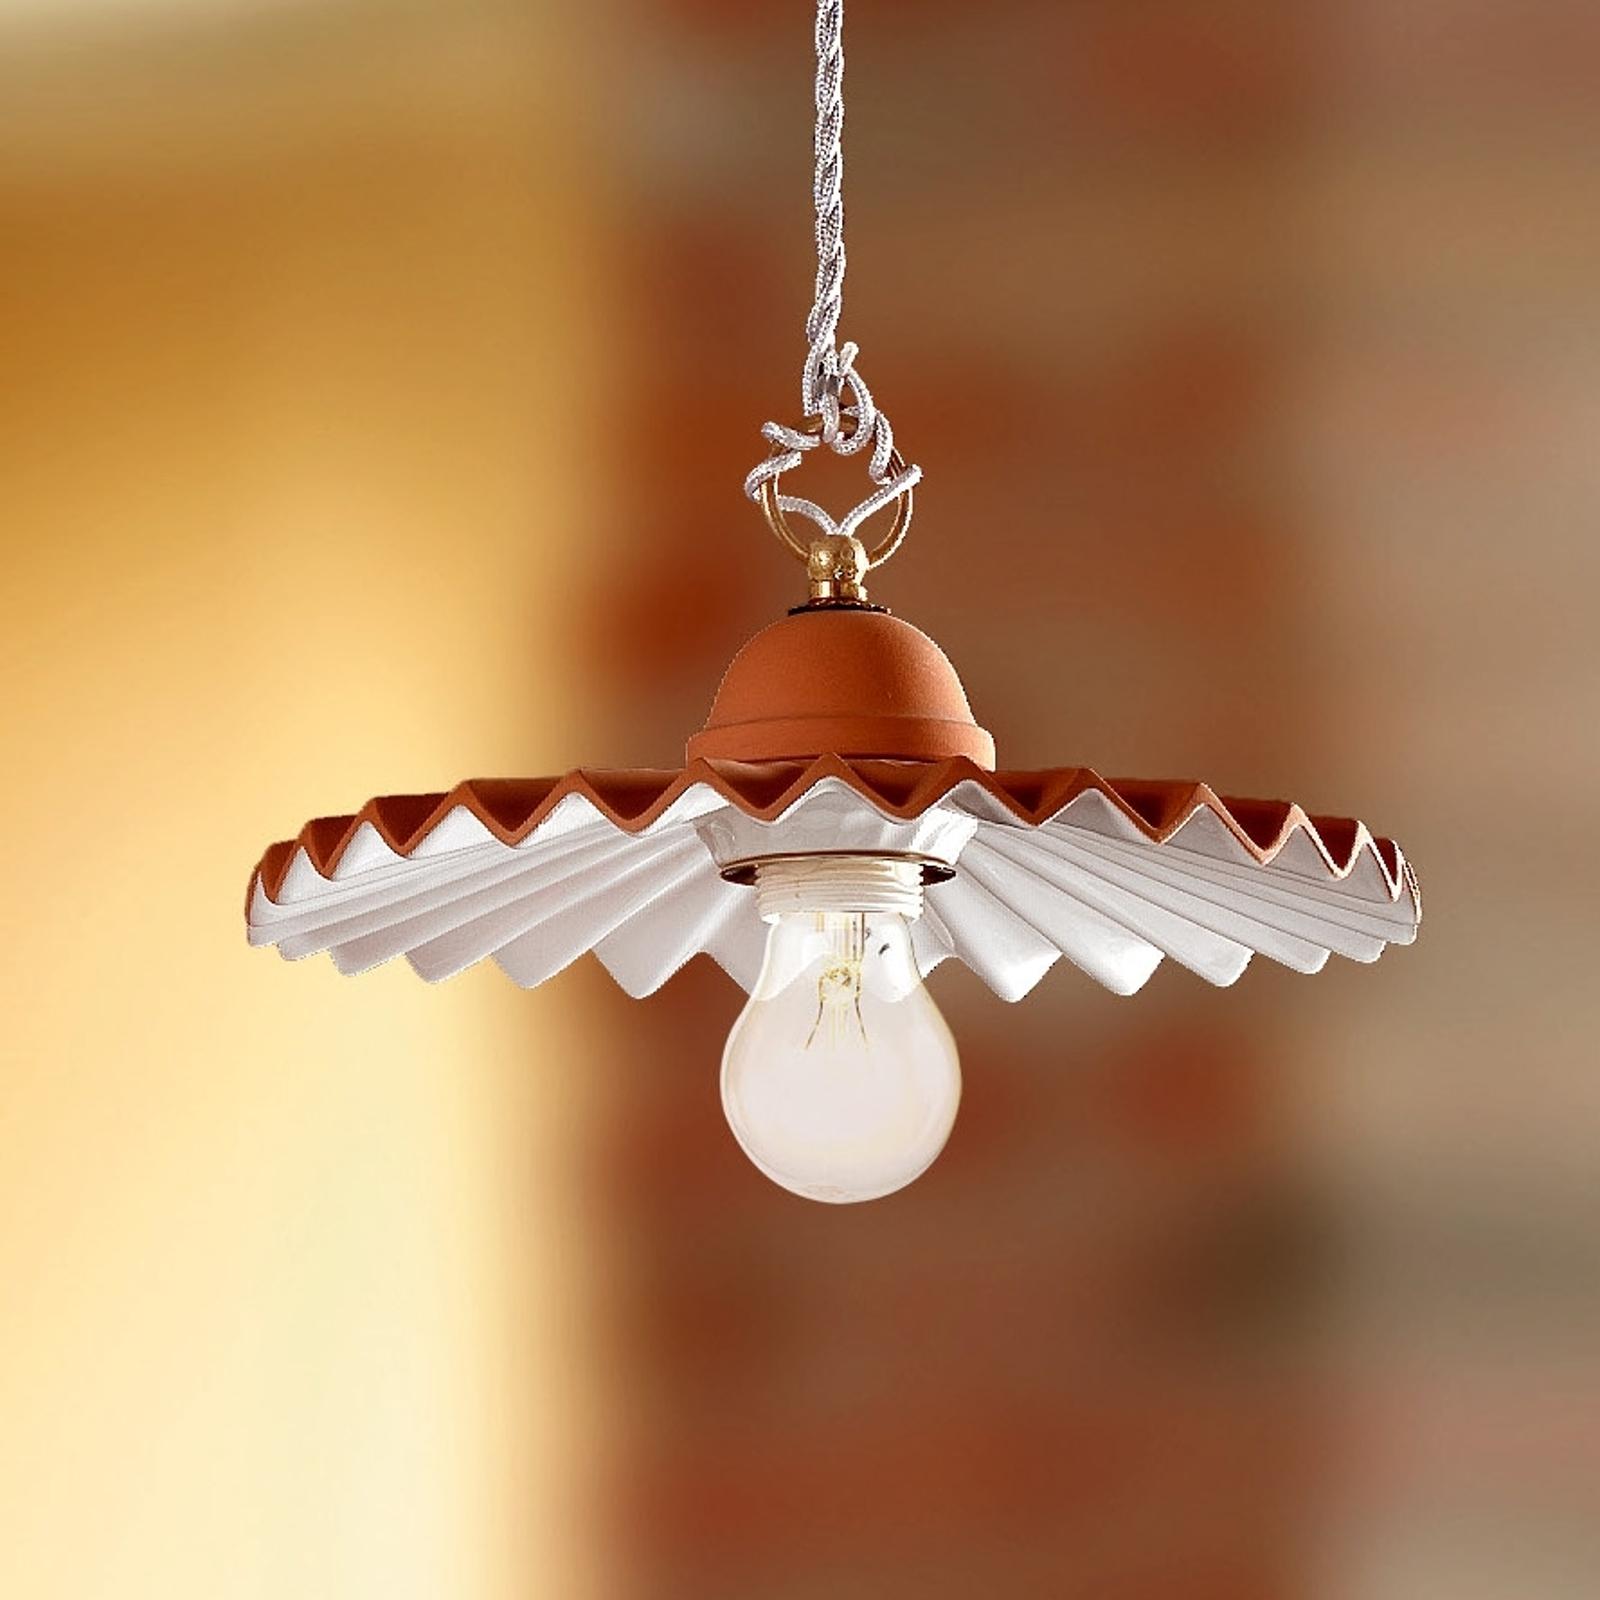 Lampa wisząca ARGILLA w stylu dworkowym 28 cm